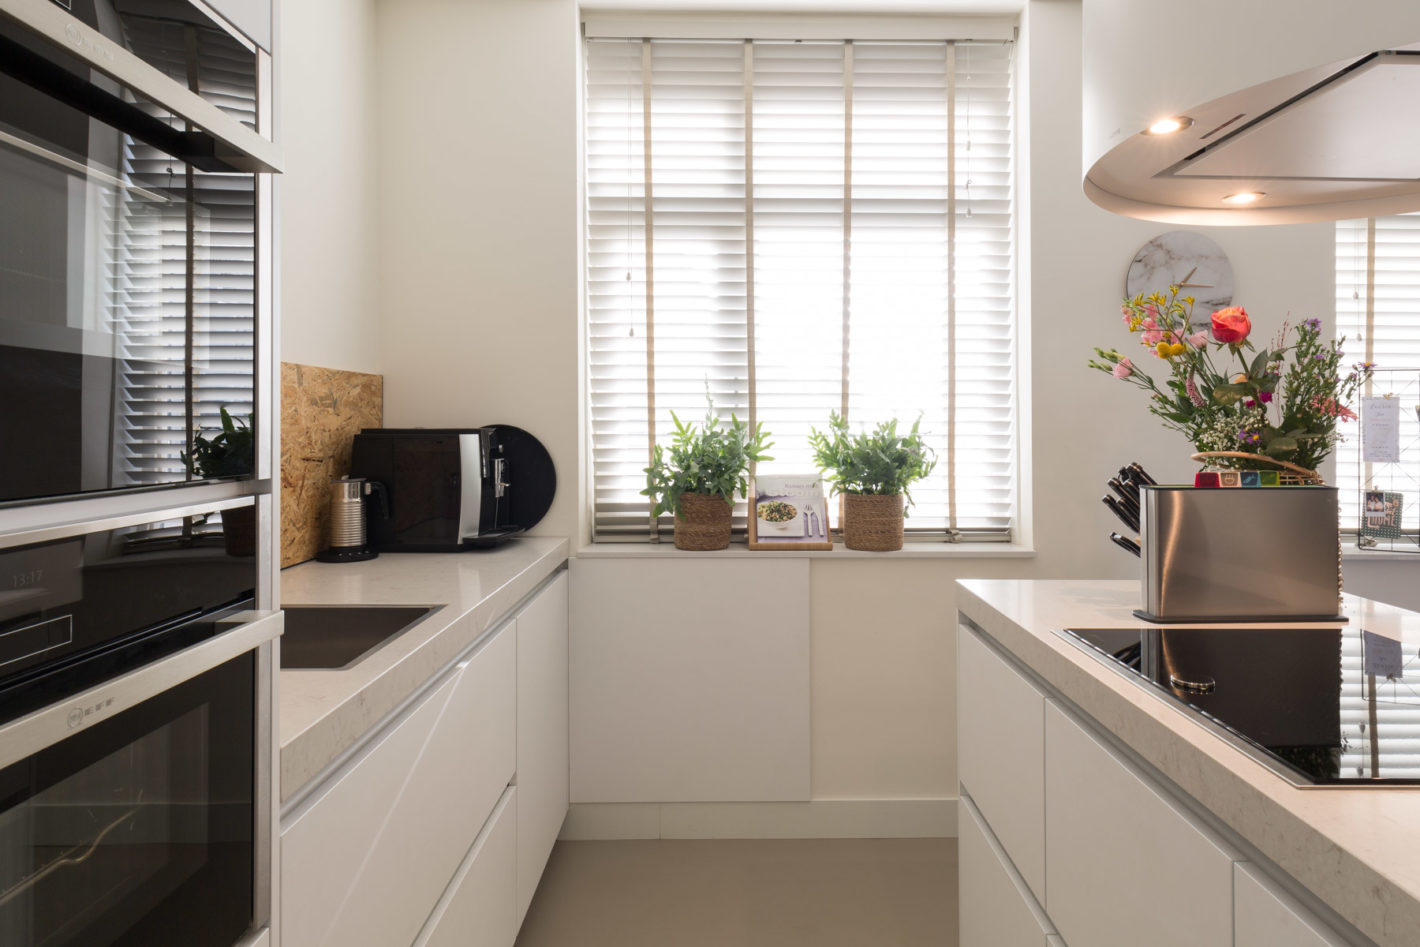 Klein maar fijn! Luxe keuken in kleine ruimte